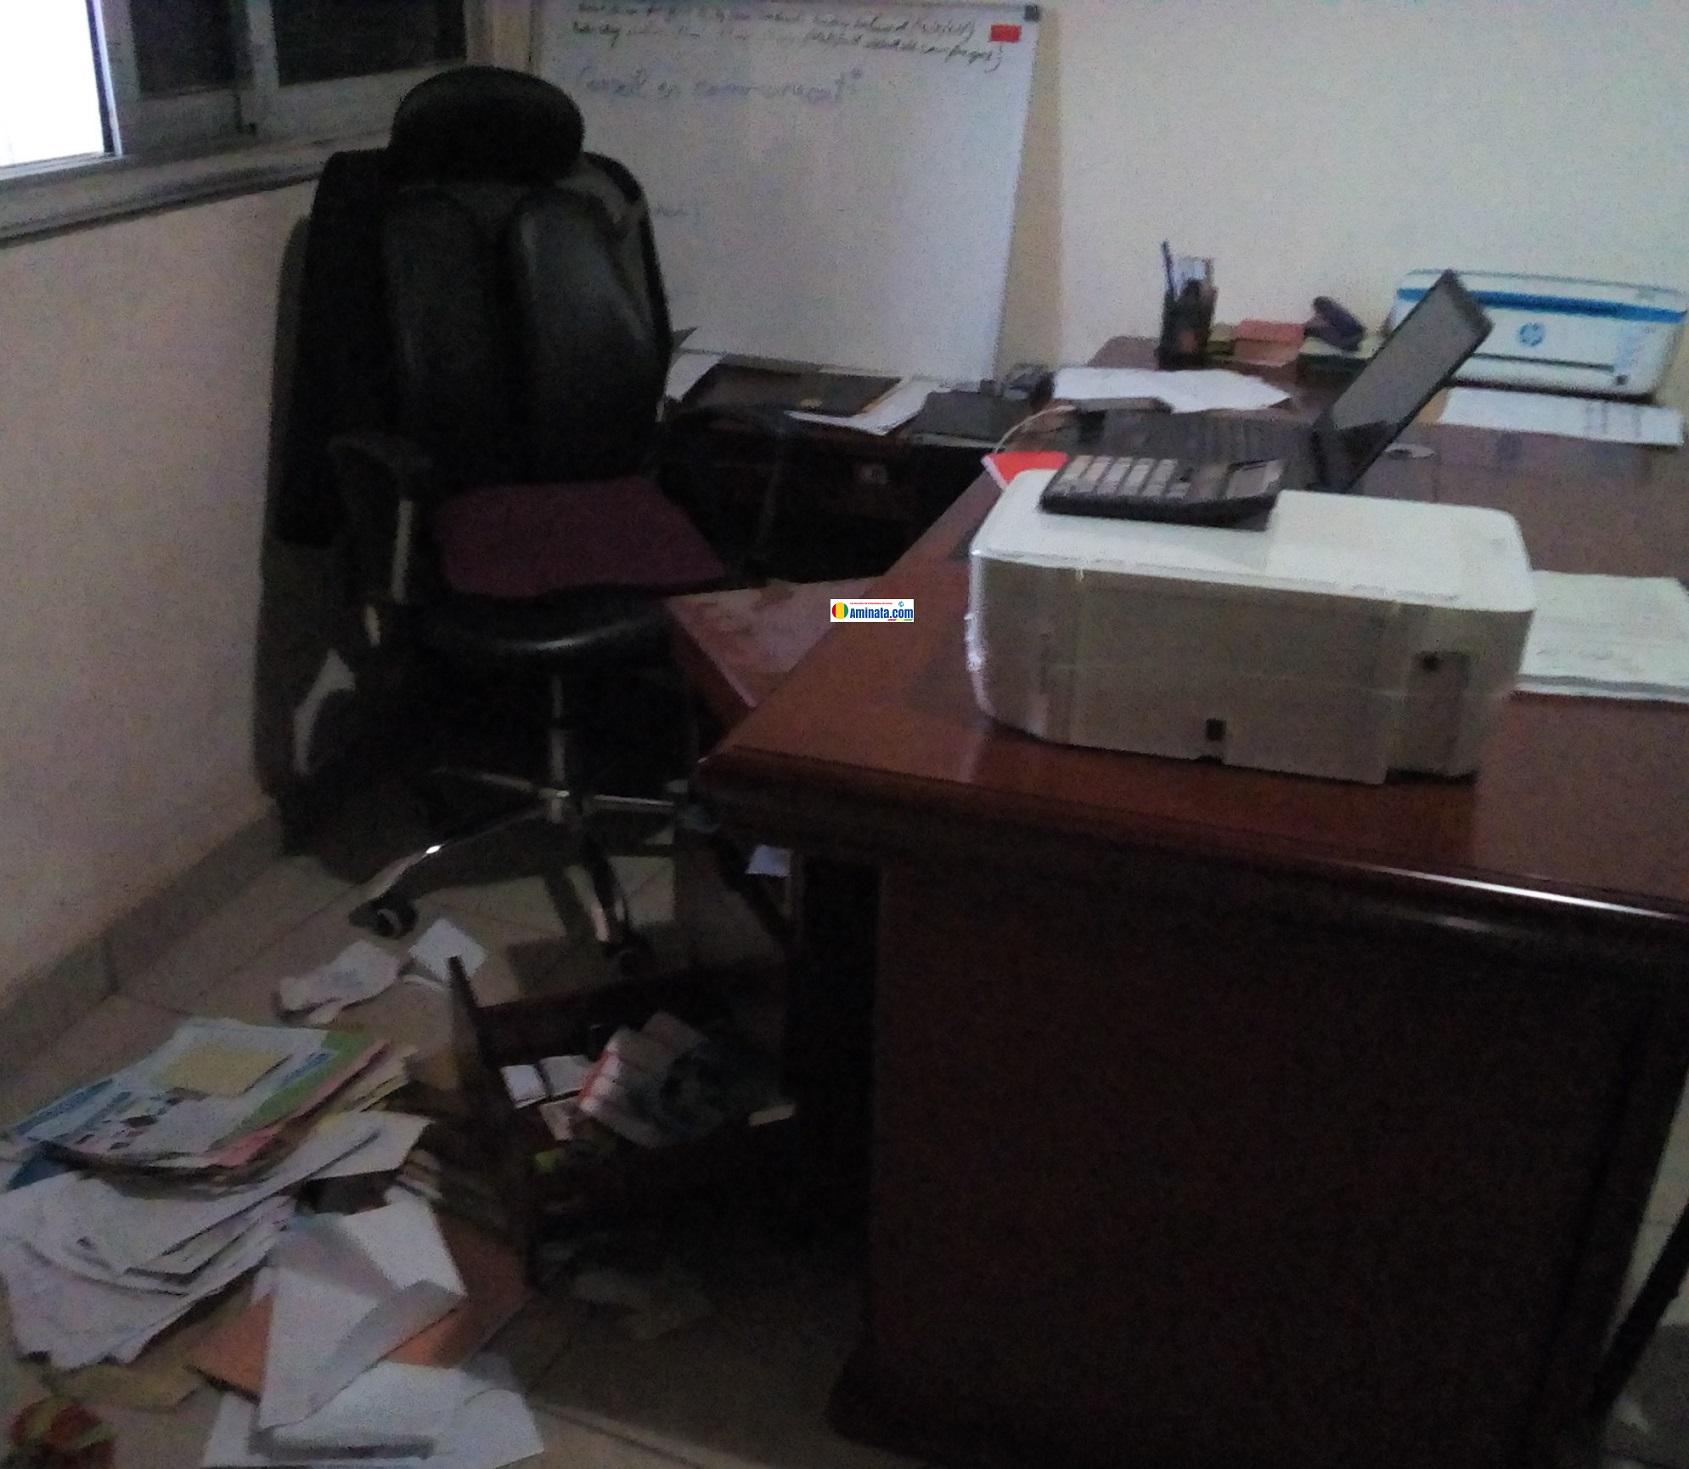 Les locaux de C24news.info cambriolés, des ordinateurs et une forte somme d'argent emportés